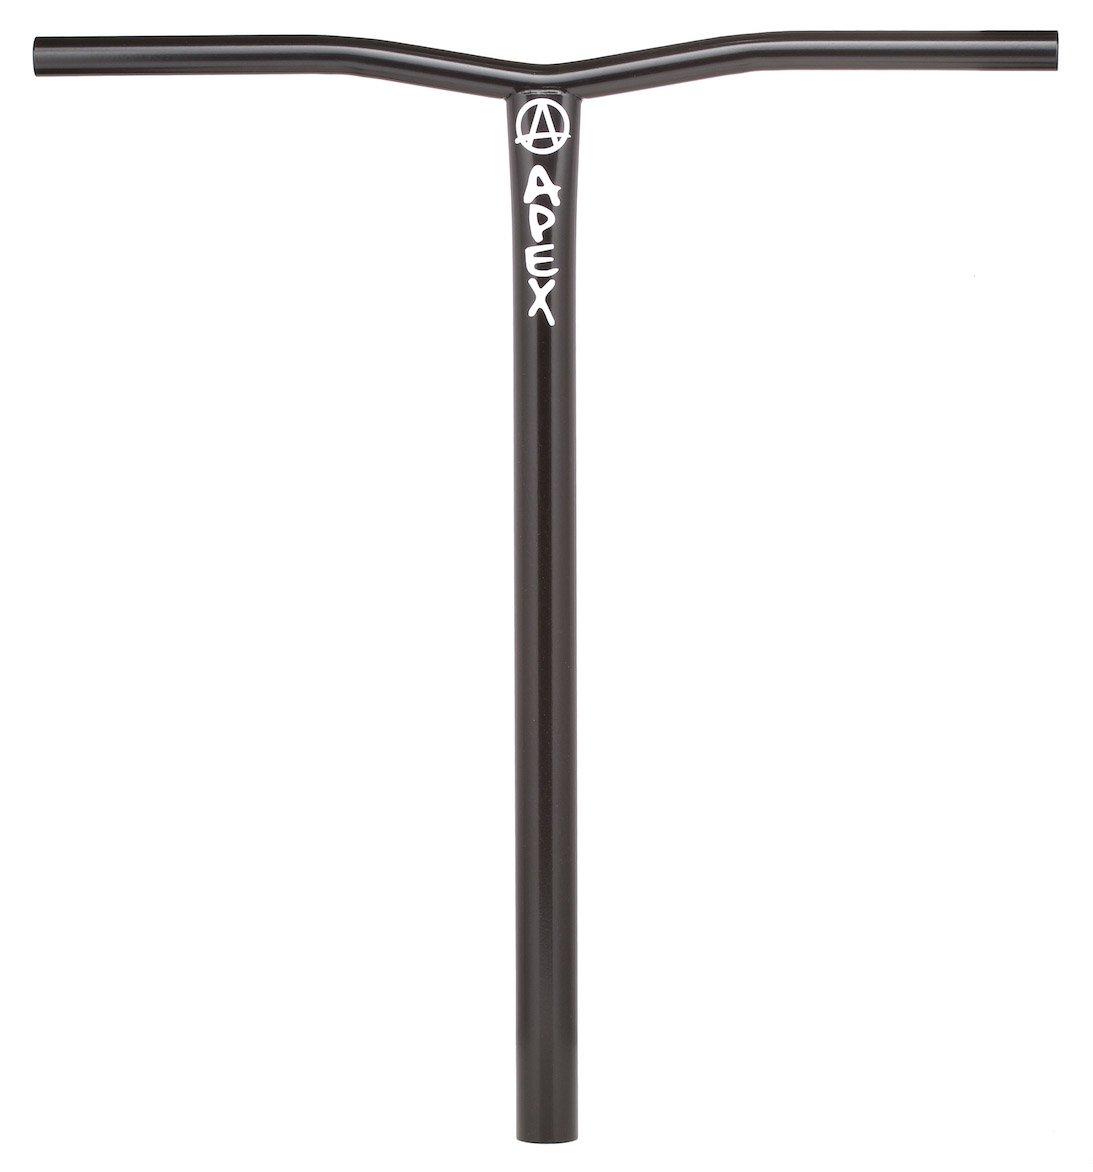 Apex Bol Bars - XL HIC by Apex